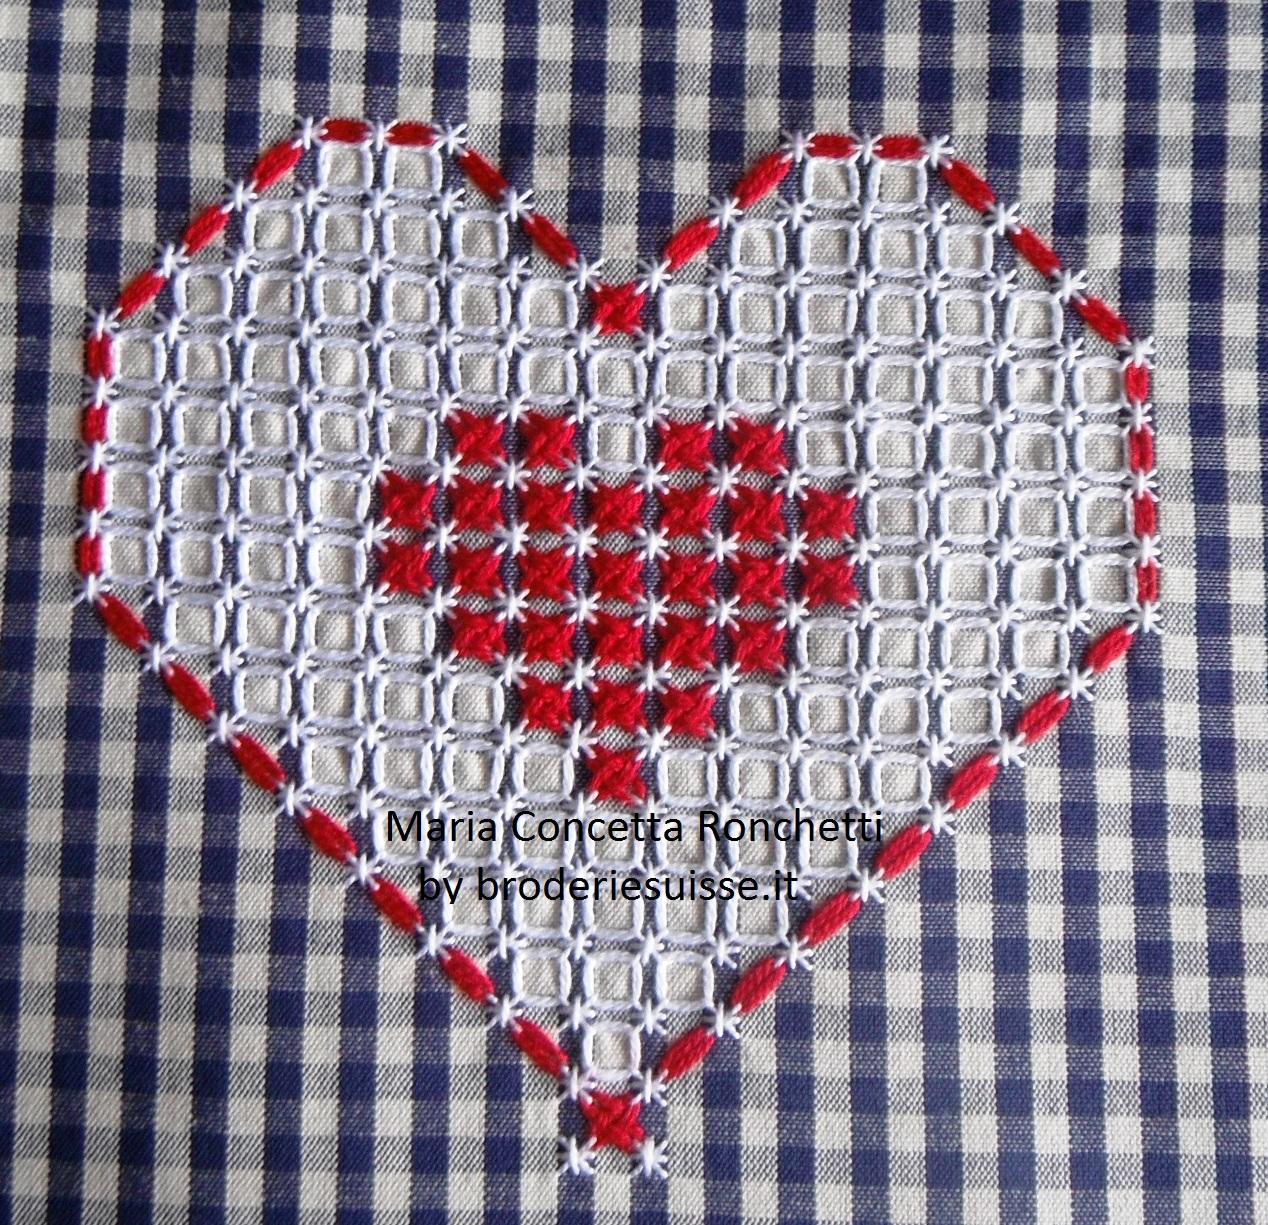 02-febbraio-cuore-broderie-suisse